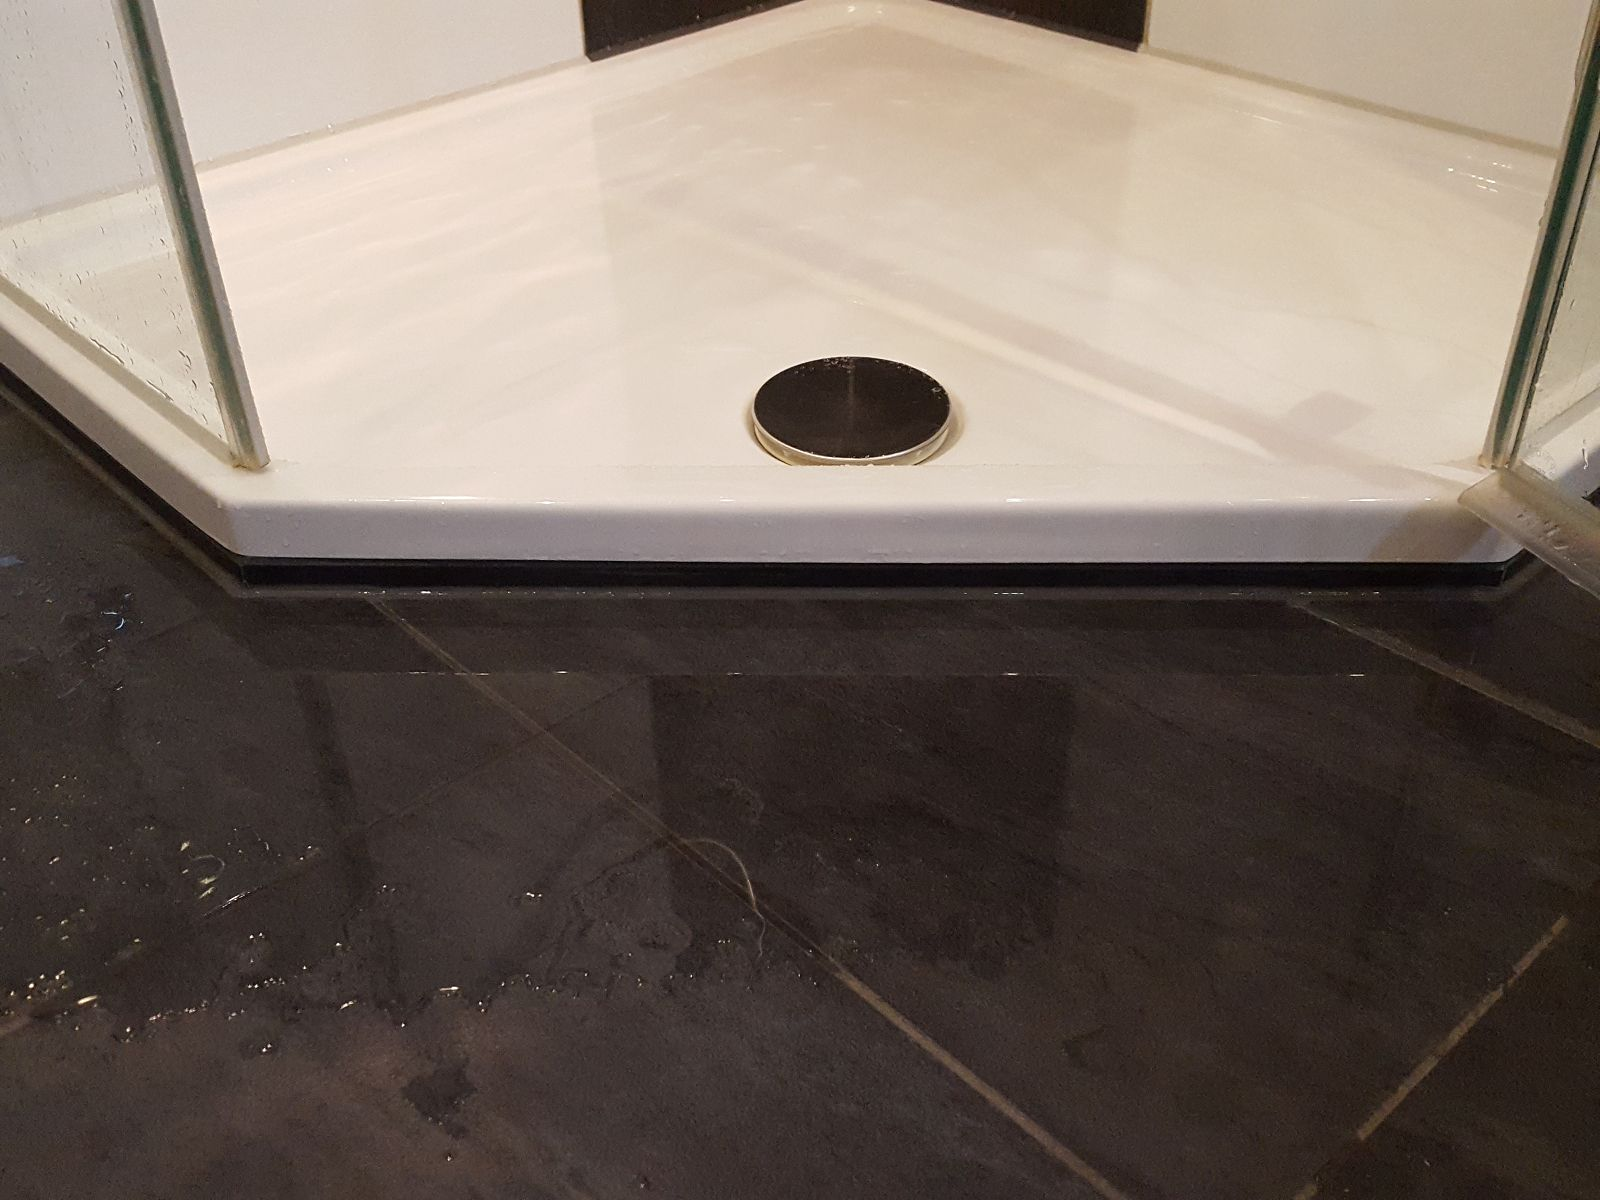 Badezimmer Nachtraglich Einbauen Kosten Dusche Einbauen Badezimmer Tapete Badezimmer Set